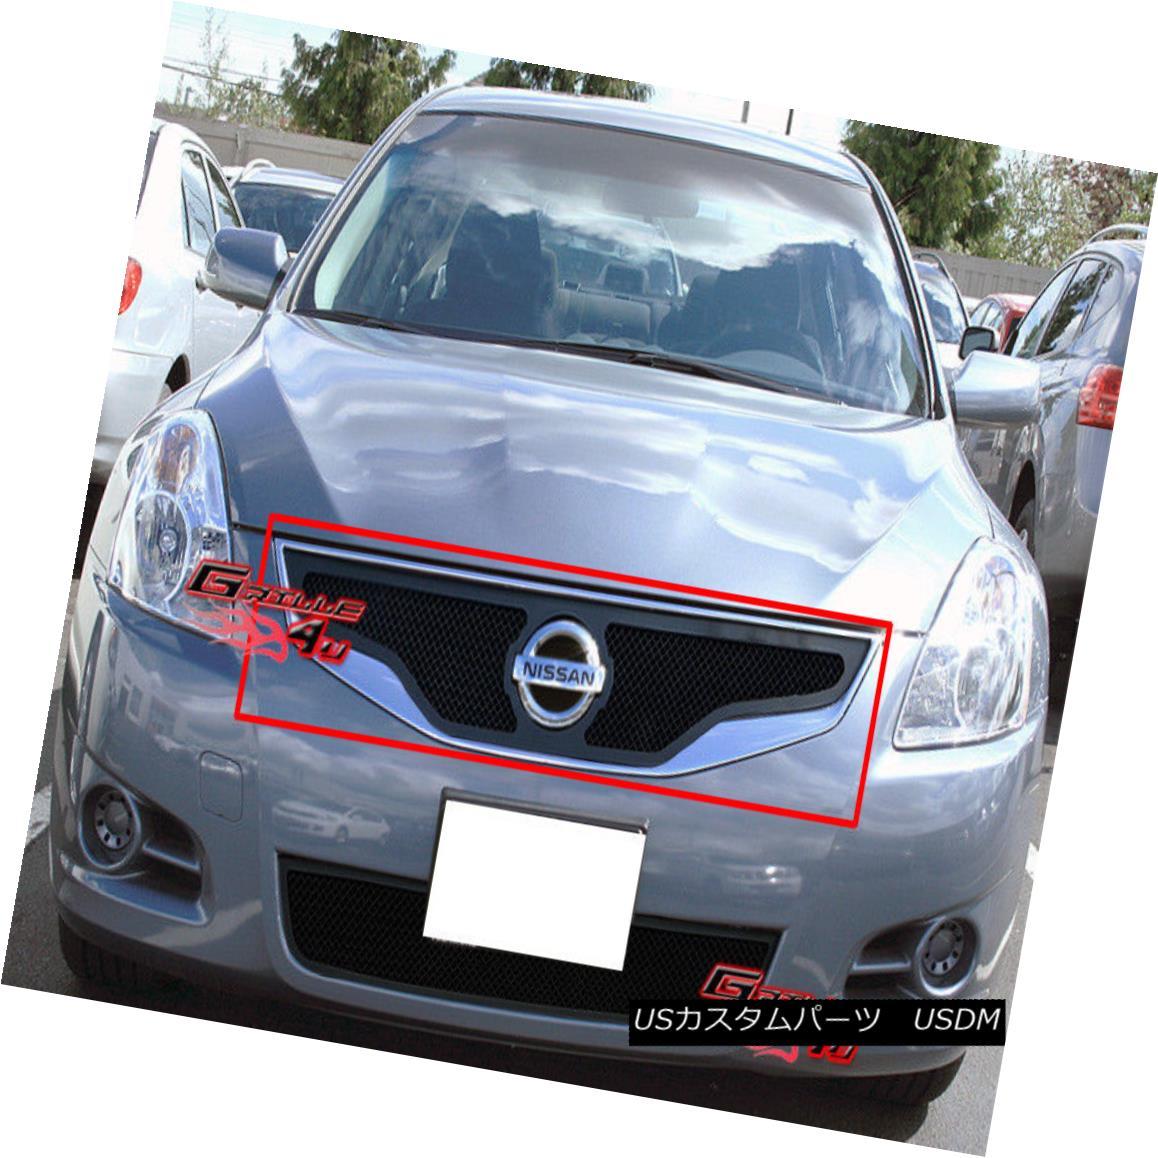 グリル For 2010-2012 Nissan Altima Coupe Black Stainless Steel Mesh Grille Insert 日産アルティマクーペブラックステンレスメッシュグリルインサート